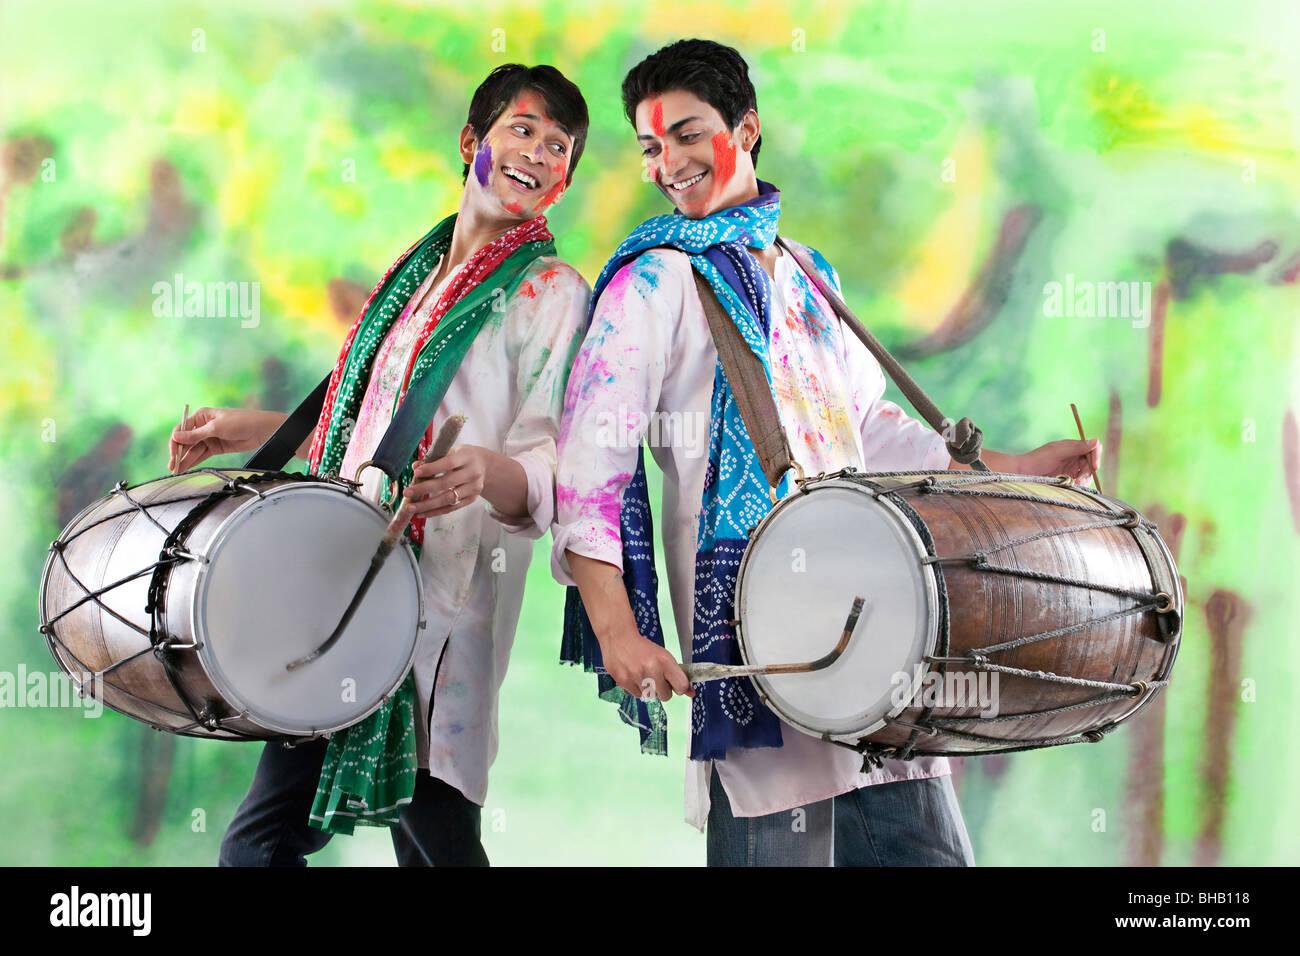 Deux hommes jouant sur dhols Banque D'Images